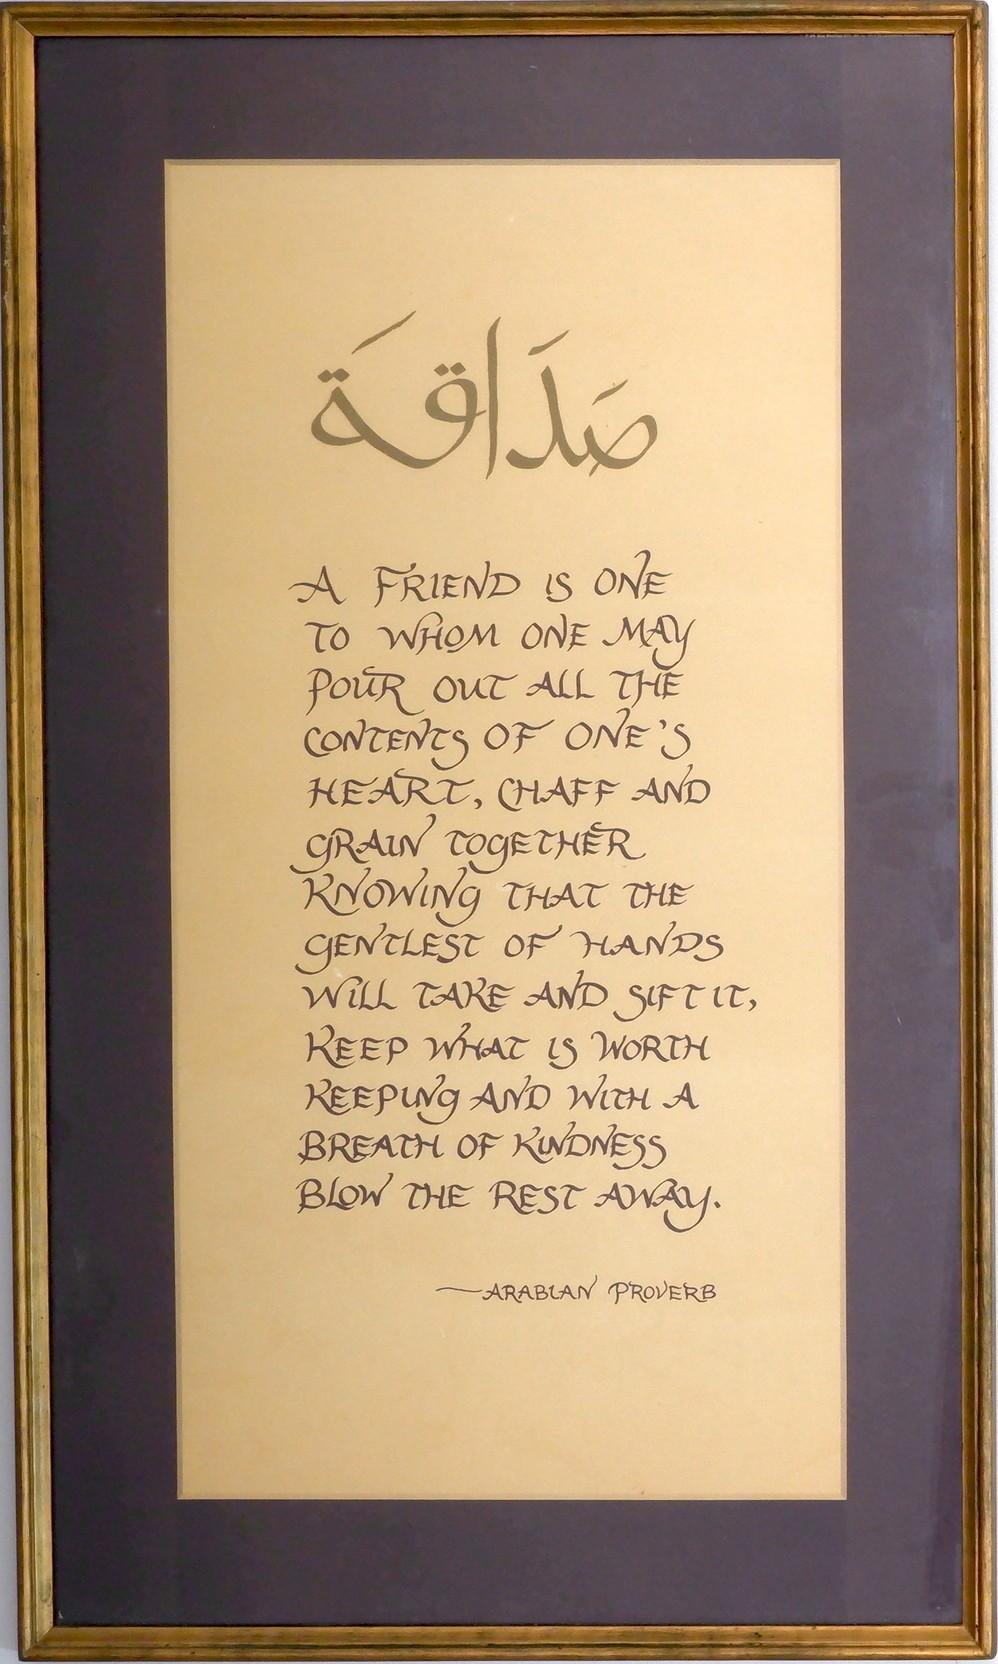 'Framed Arabian Proverb'